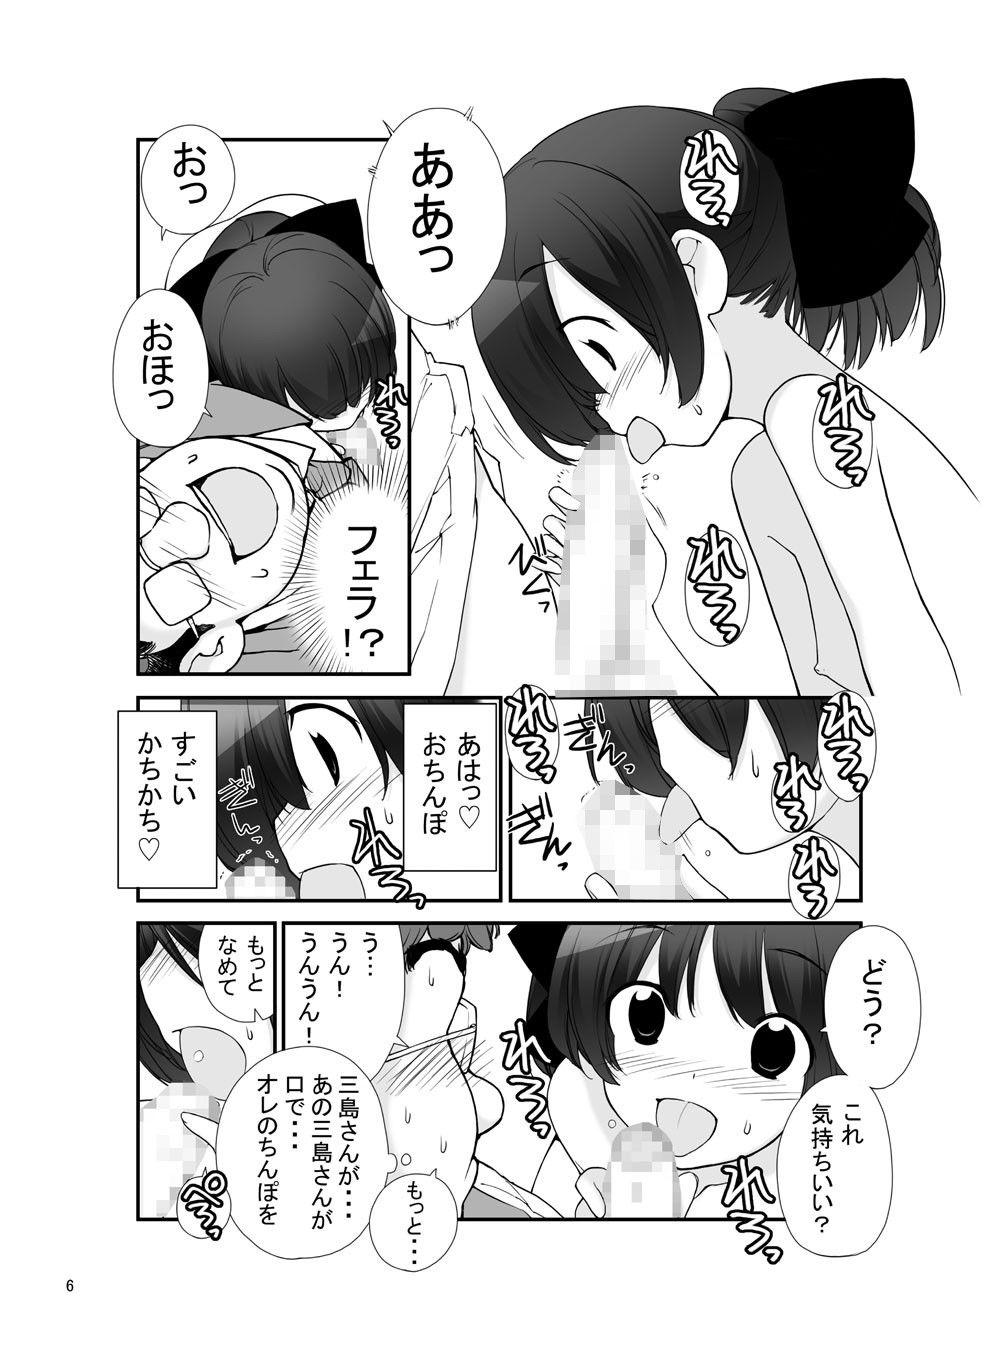 【ろくもんせん 同人】露出少女異譚十篇